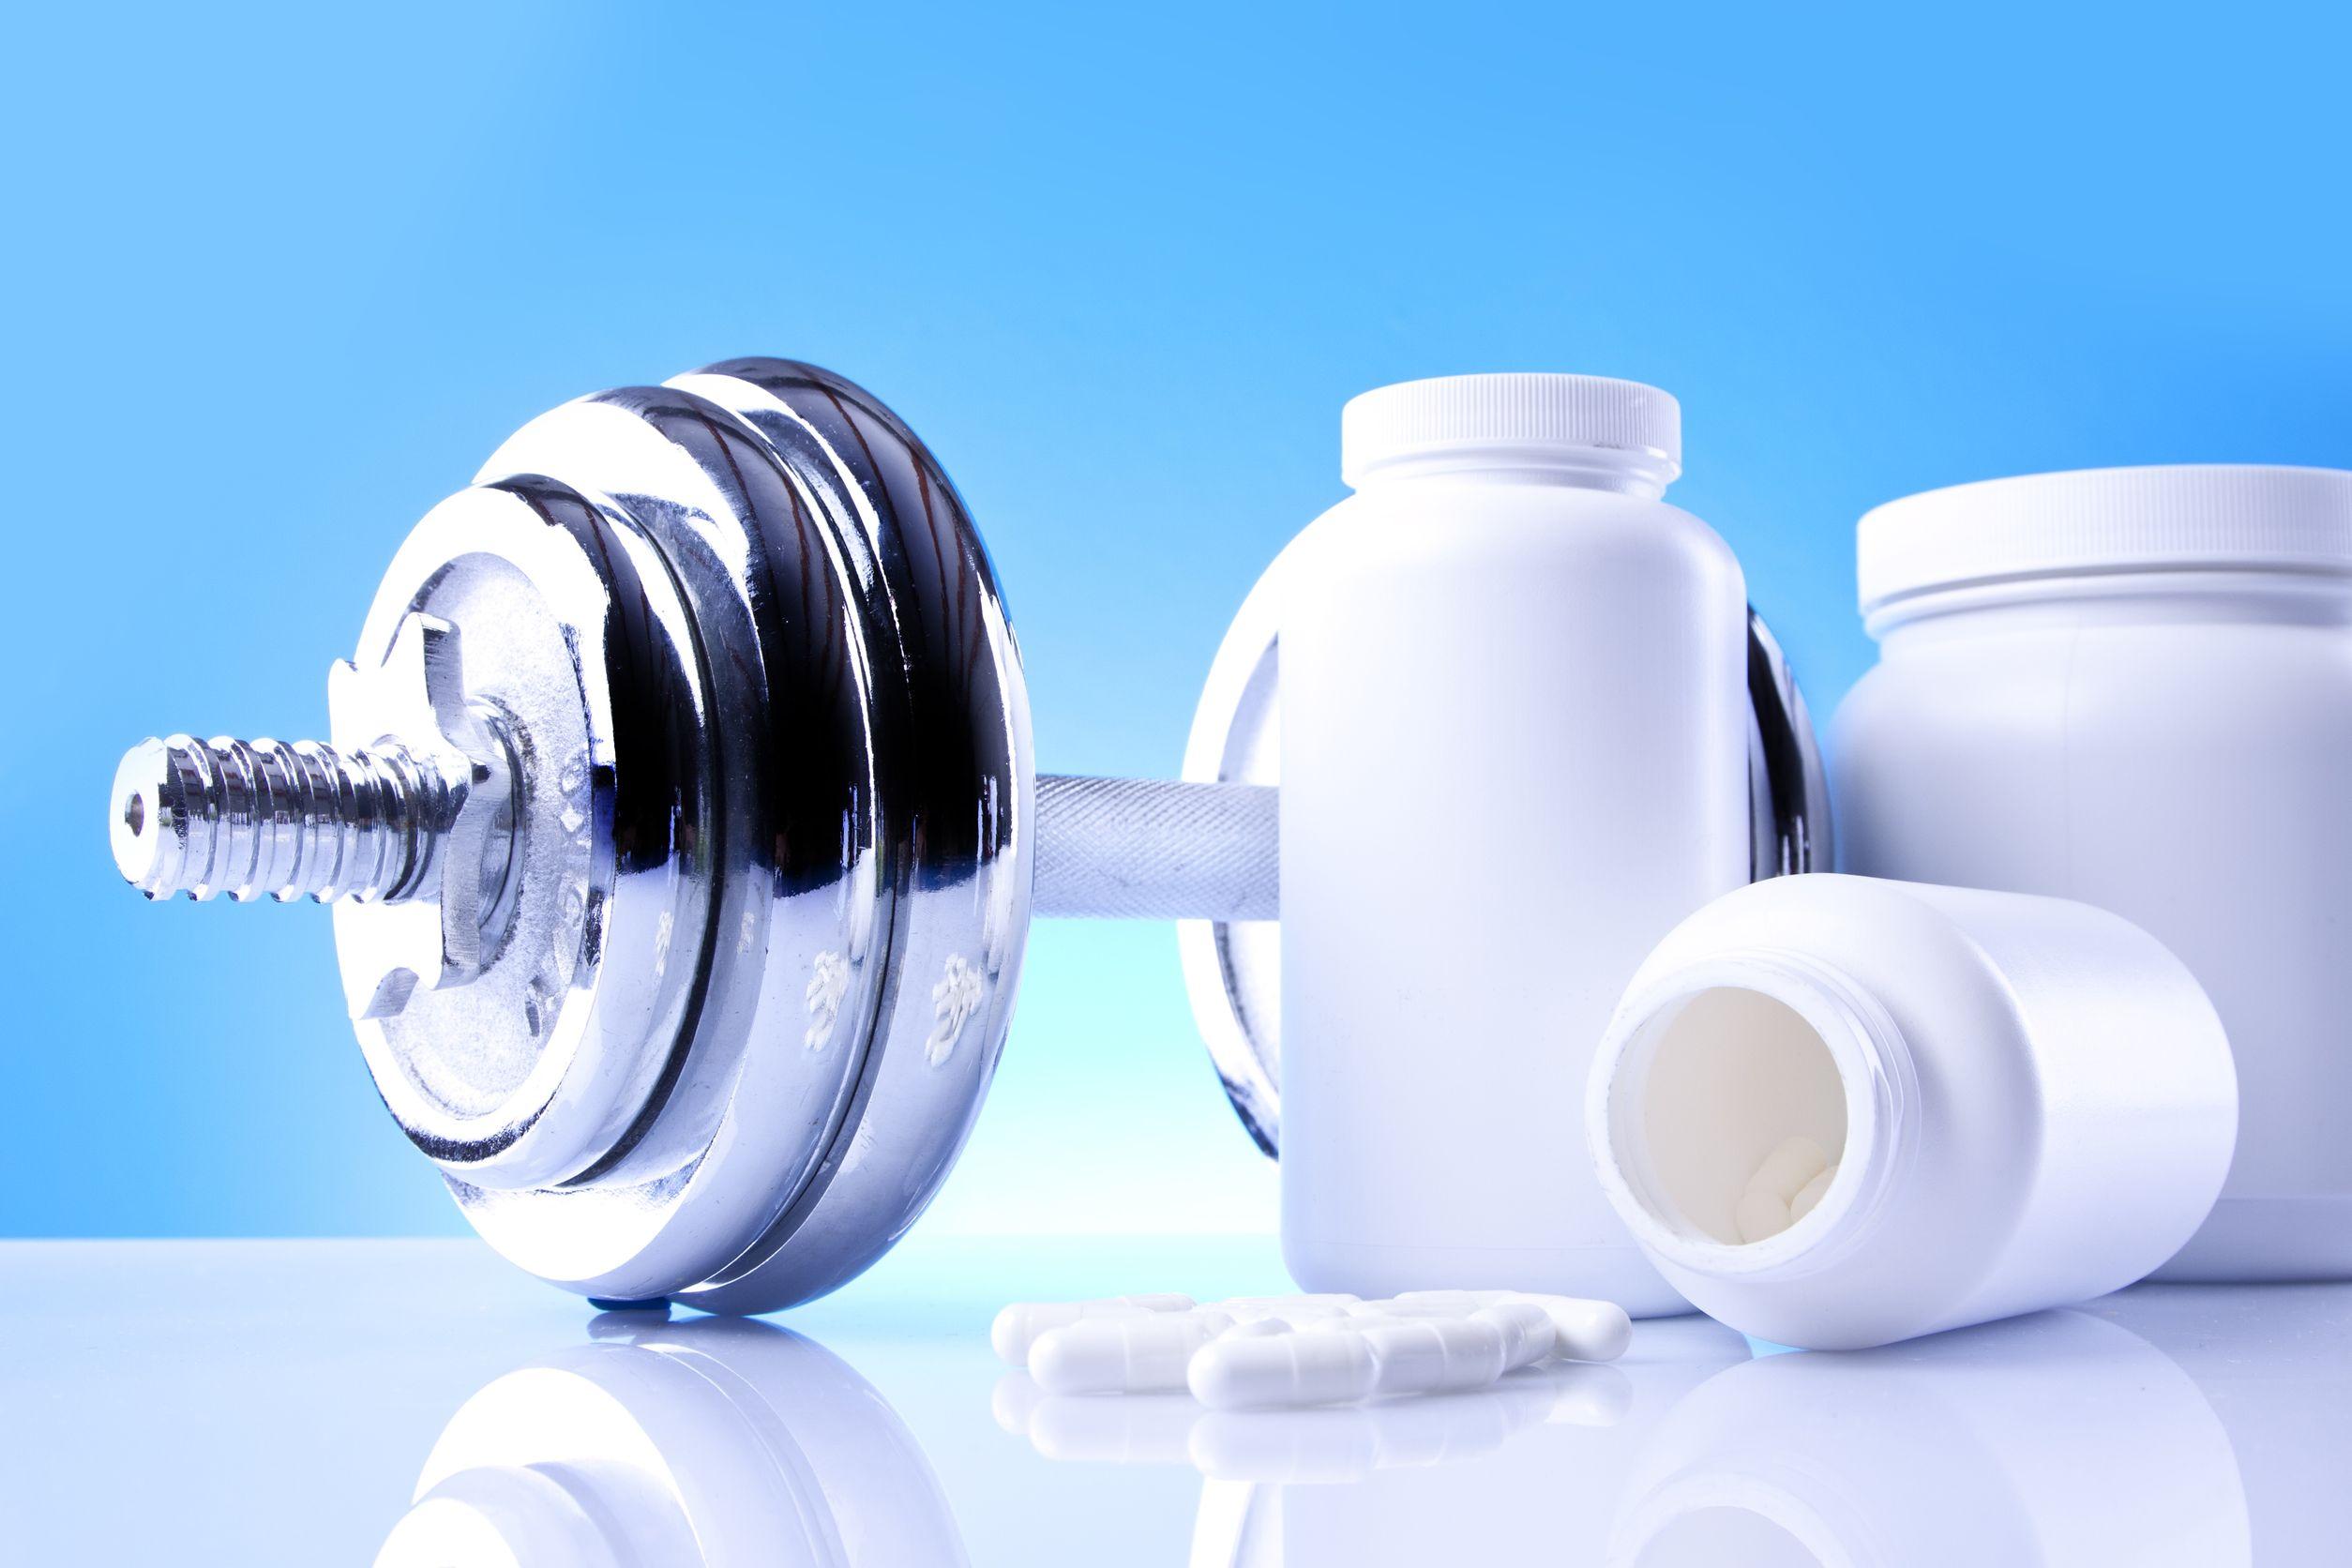 Exercise benefits similar to medication